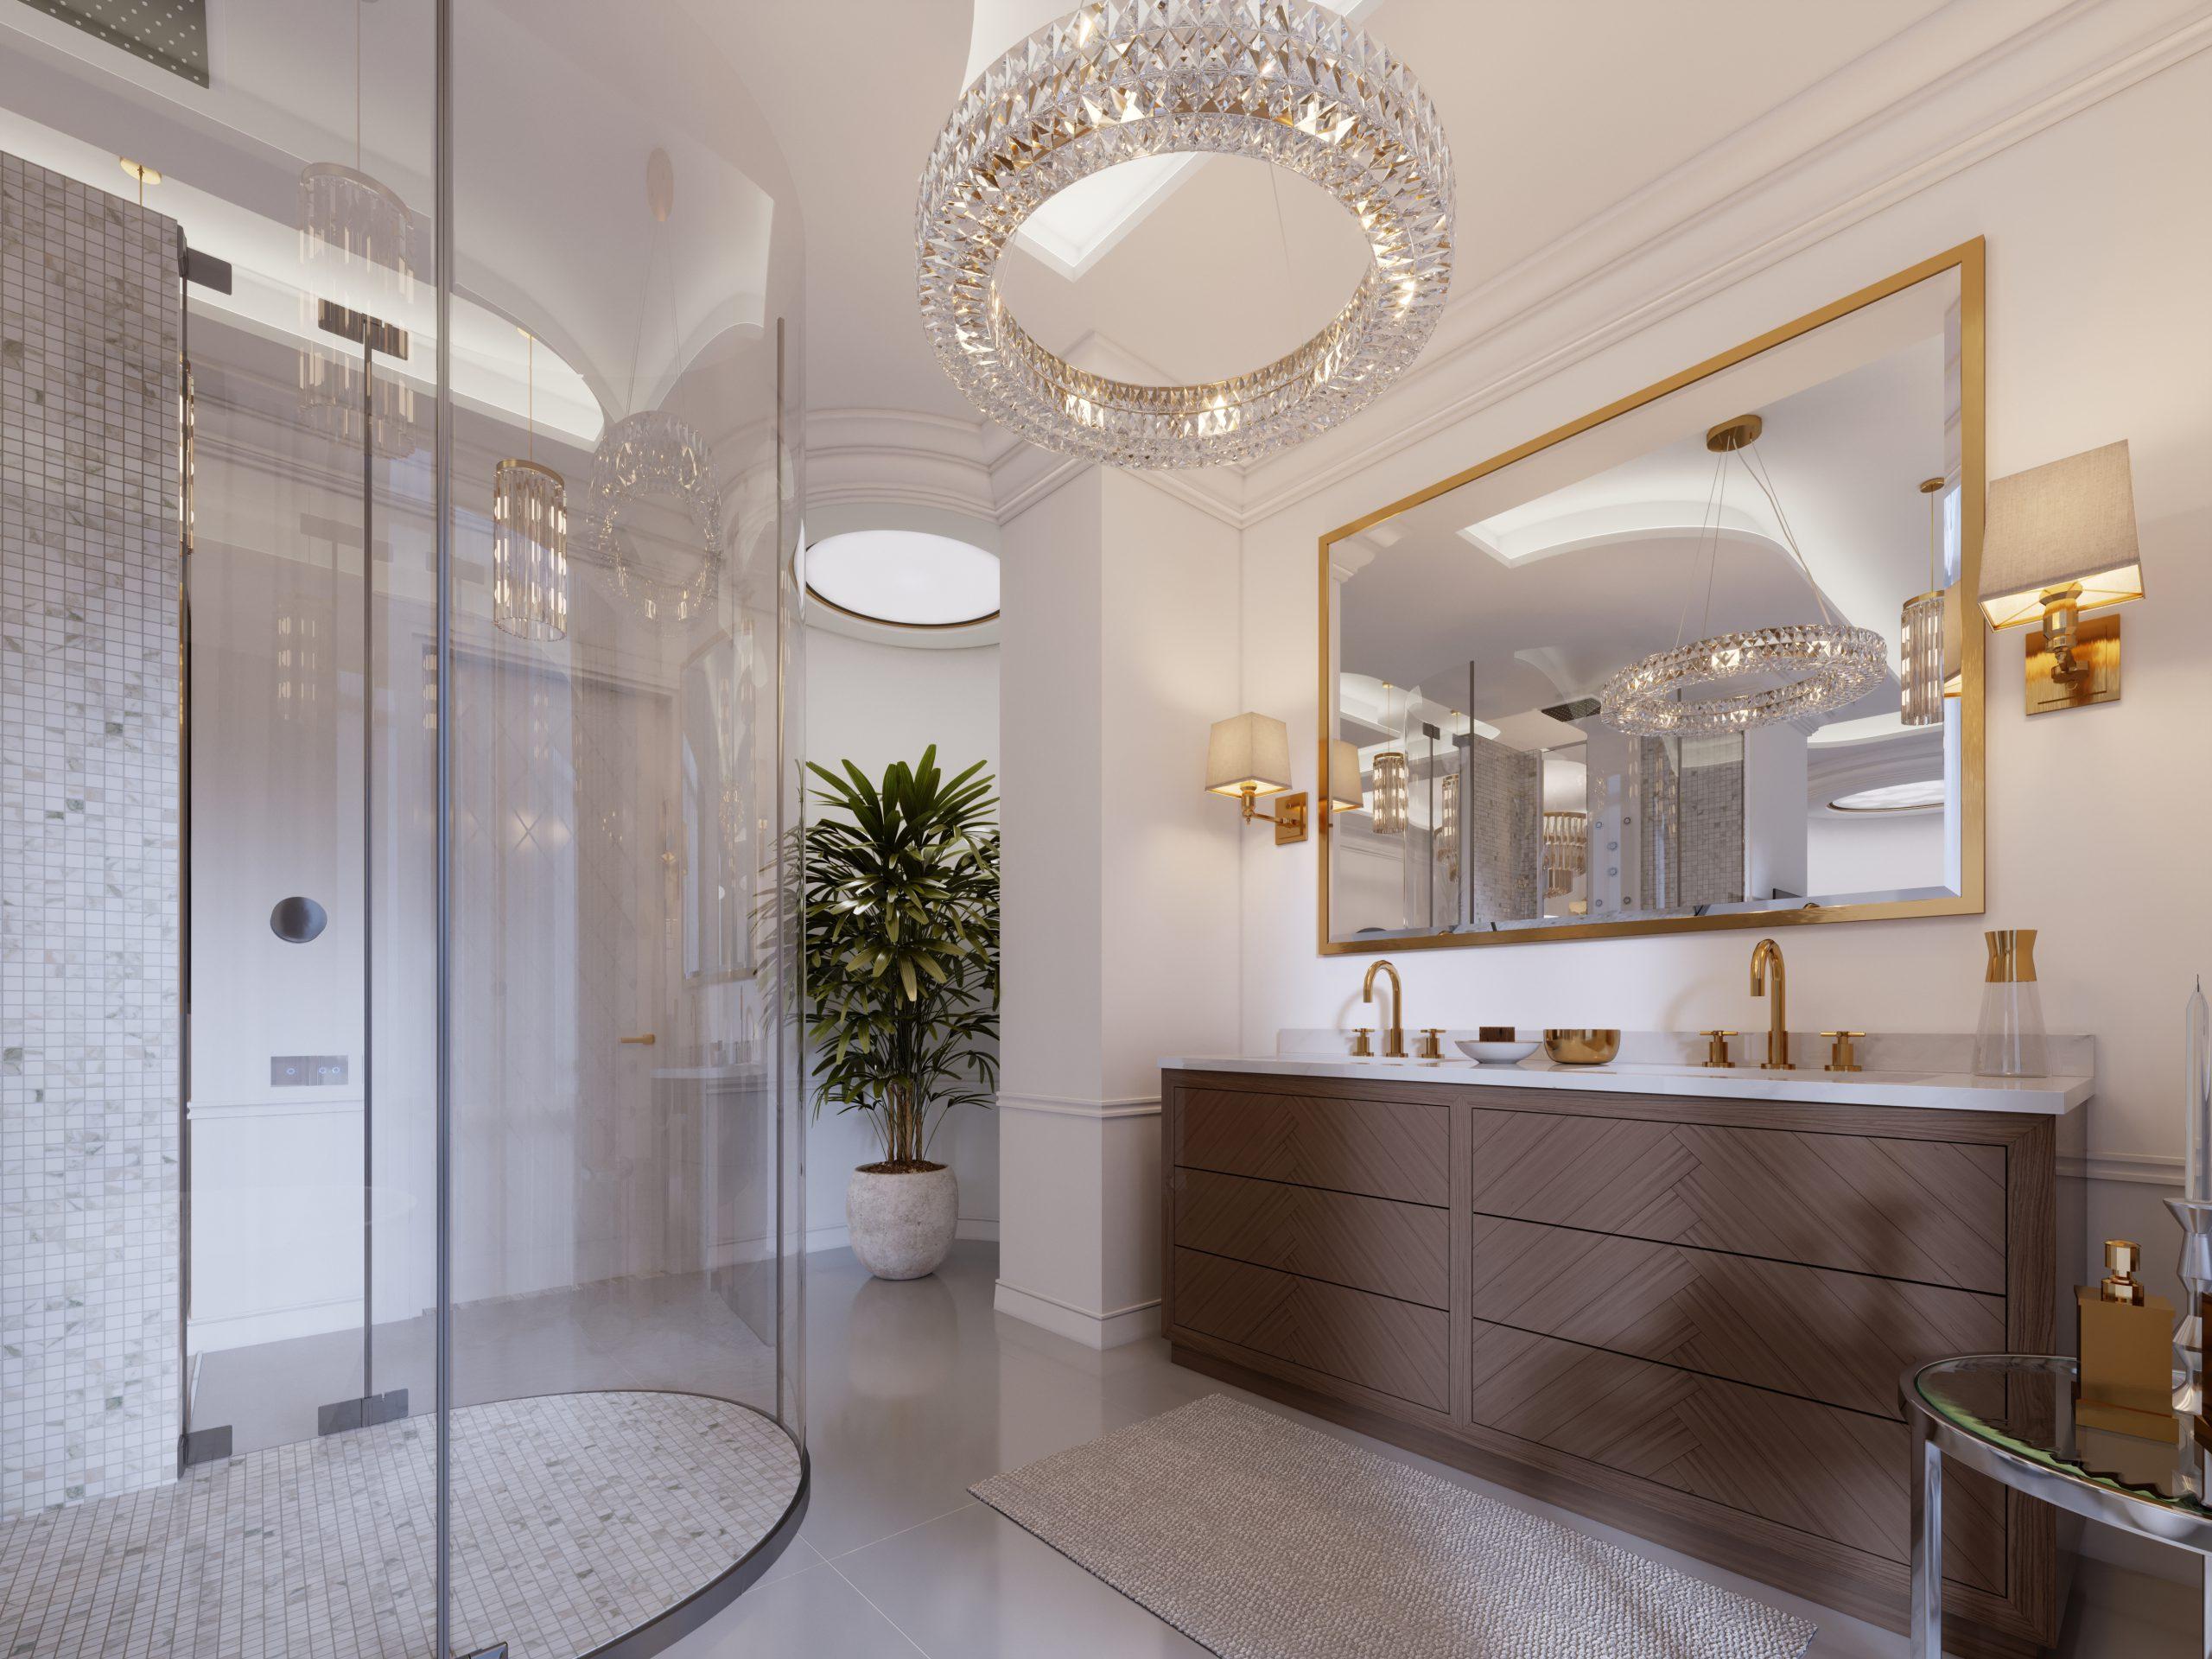 bathroom-remodel-schaumburg-bathroom-remodeling-contractors-schaumburg